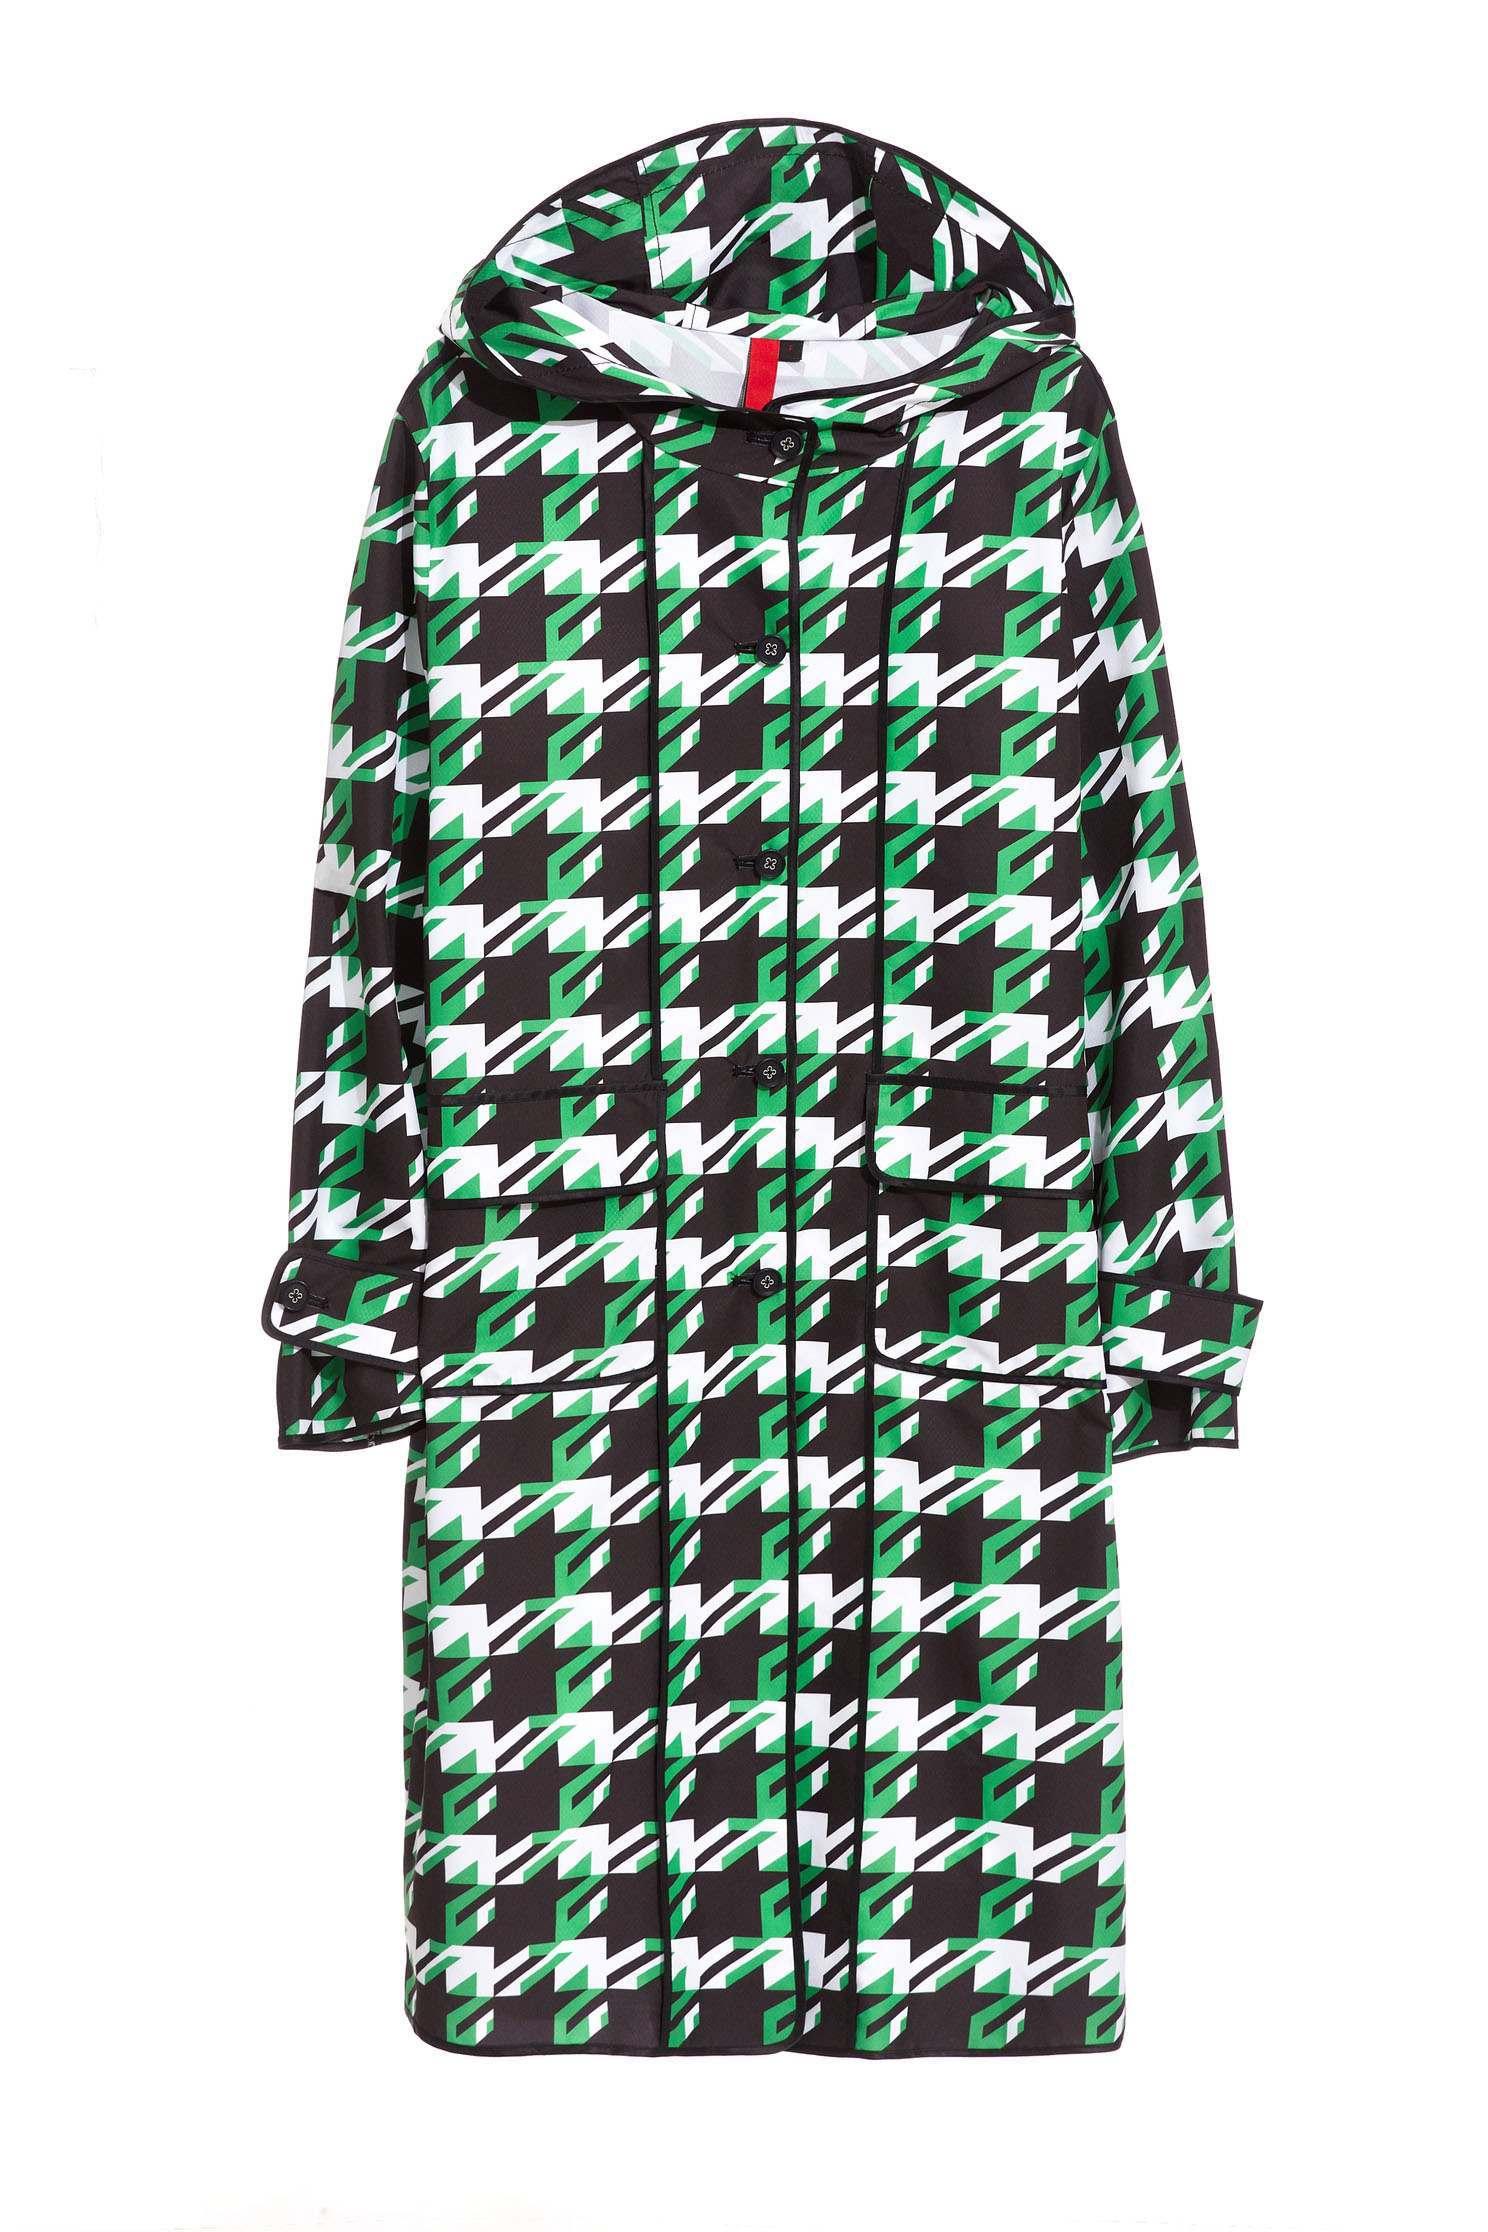 Houndstooth Pop Design Long Sleeve Jacket,outerwear,longcoat,longsleeveouterwear